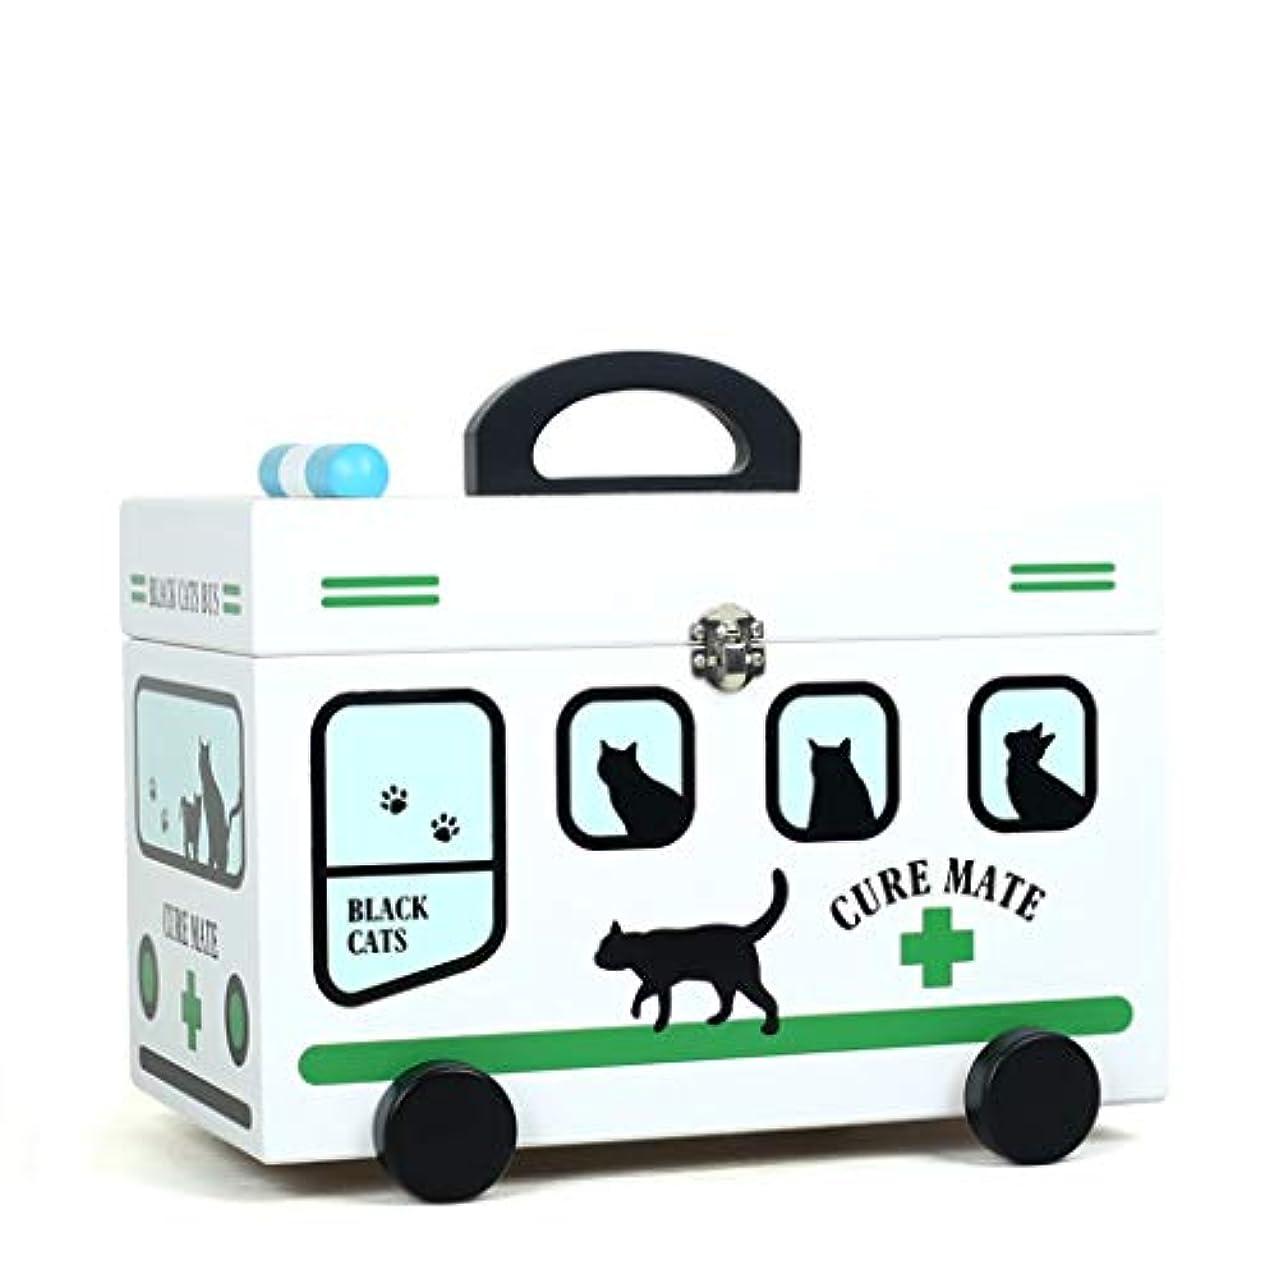 四面体アラブサラボ海洋のGLJJQMY 家庭用薬箱赤ちゃん子供薬収納ボックス救急箱医療箱家族小さな薬箱木材32×18×16センチ 薬収納ボックス